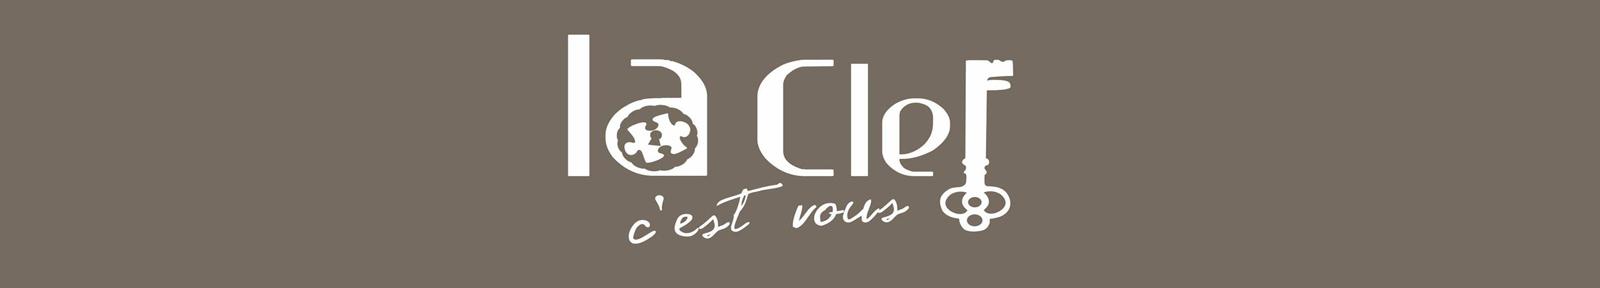 La Clef C'est Vous